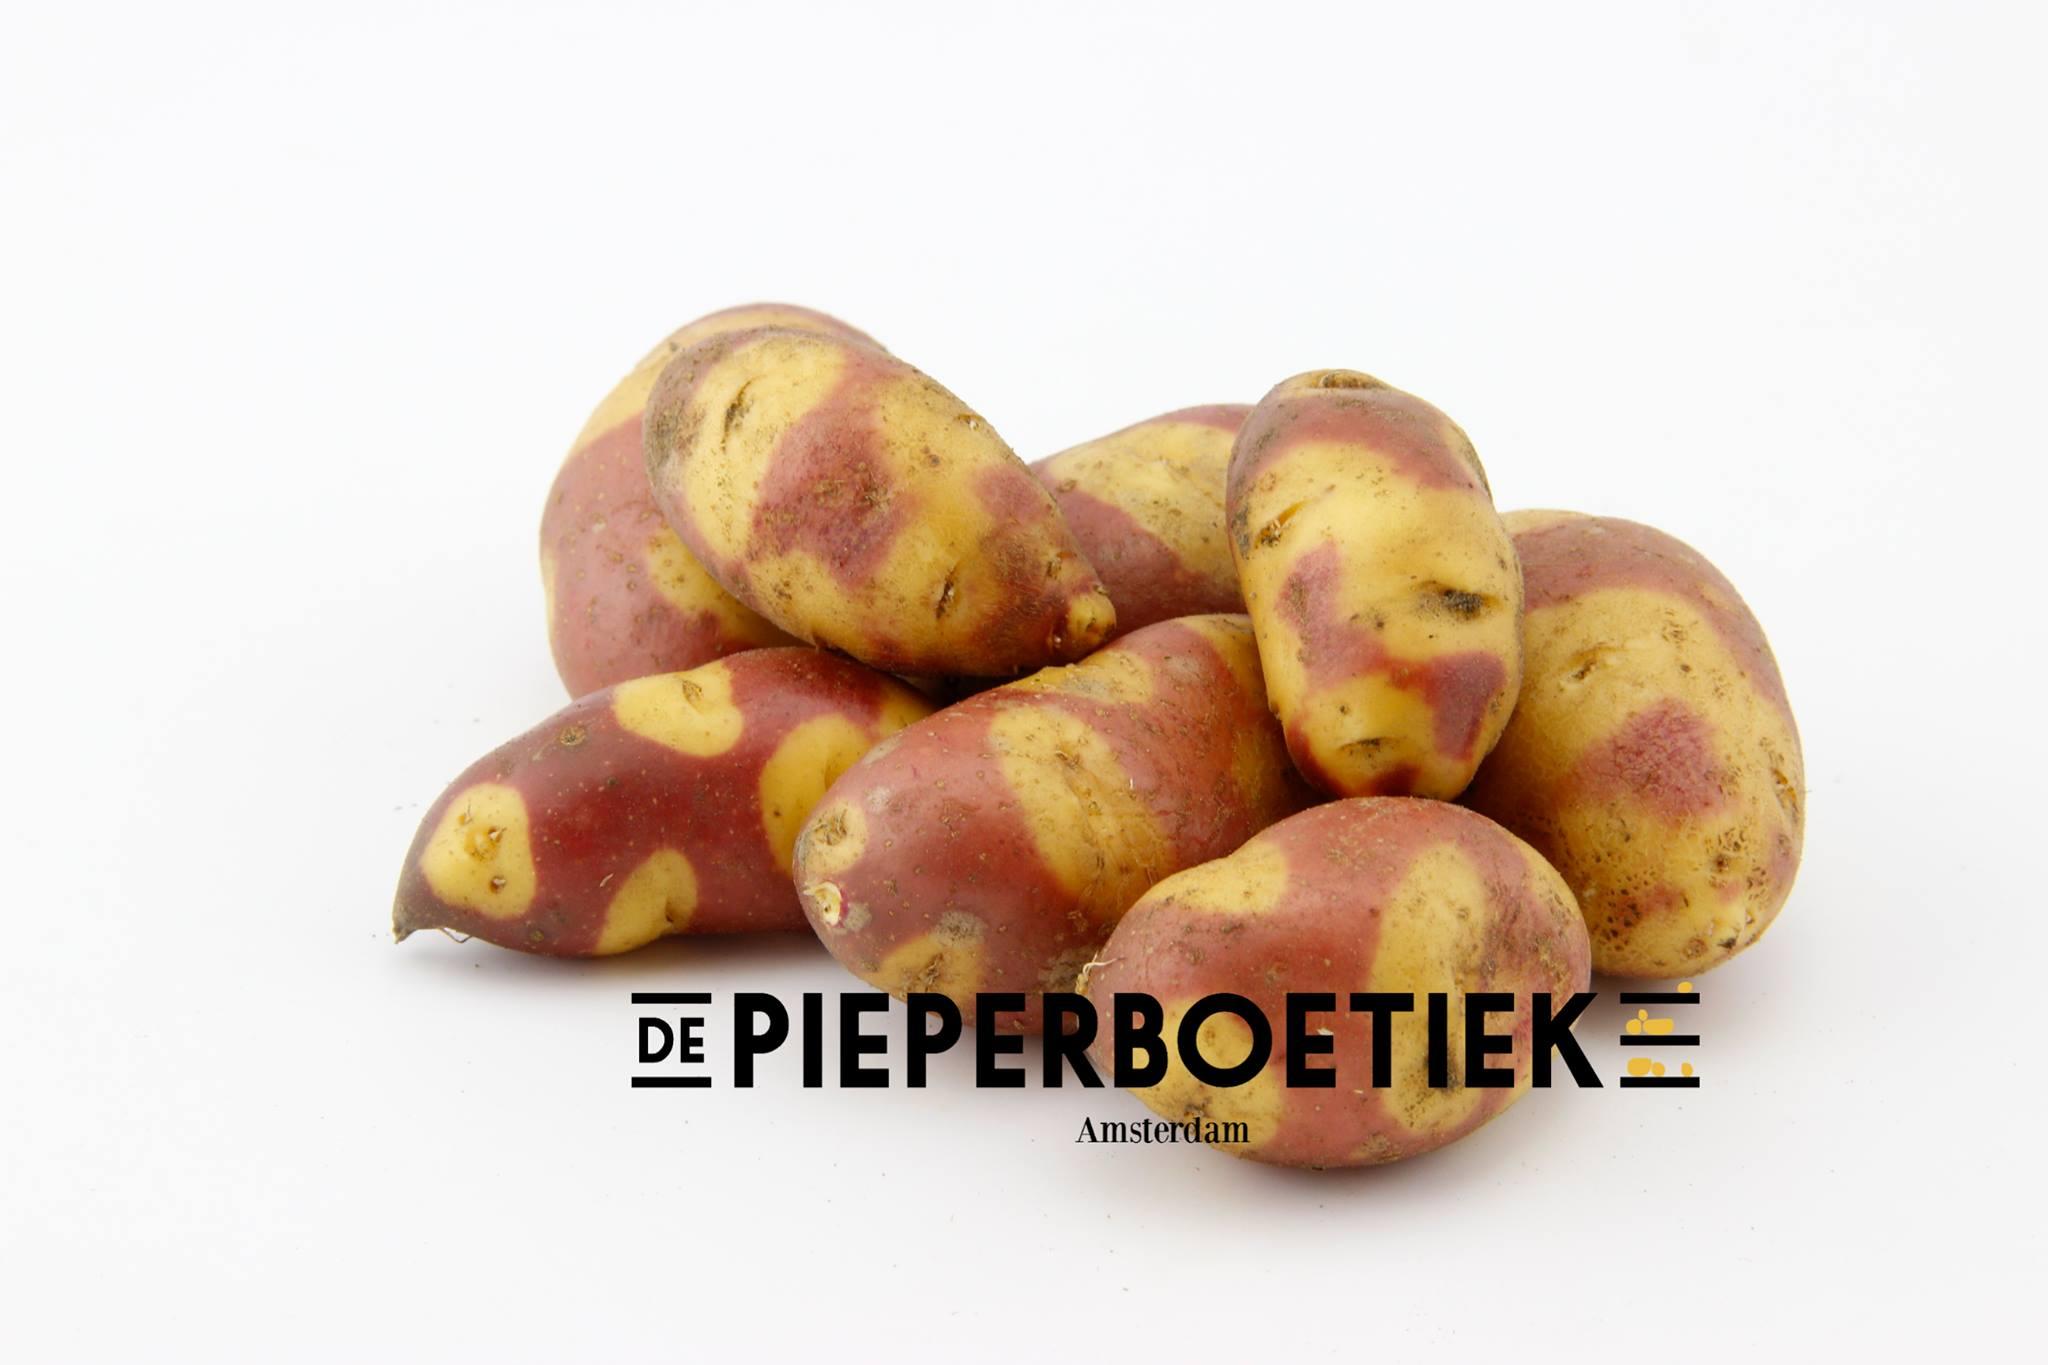 Pieperboetiek - Daily Cappuccino - Lifestyle Blog